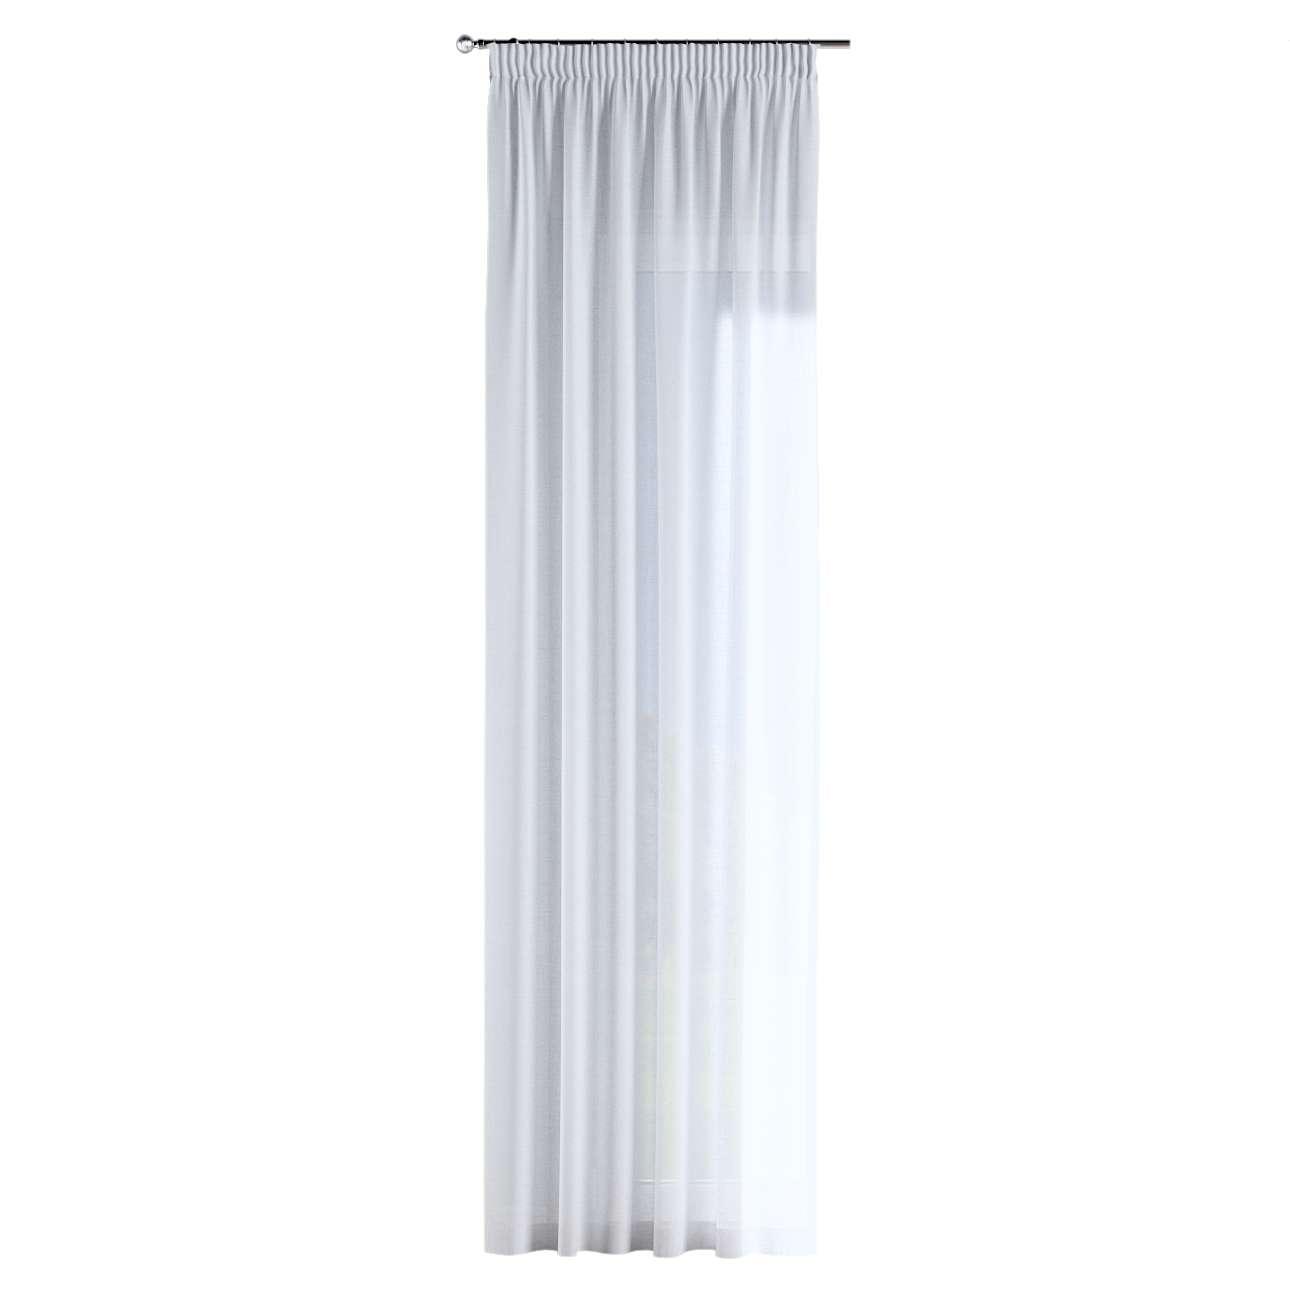 Záves na riasiacej páske 130 × 260 cm V kolekcii Romantica, tkanina: 128-77